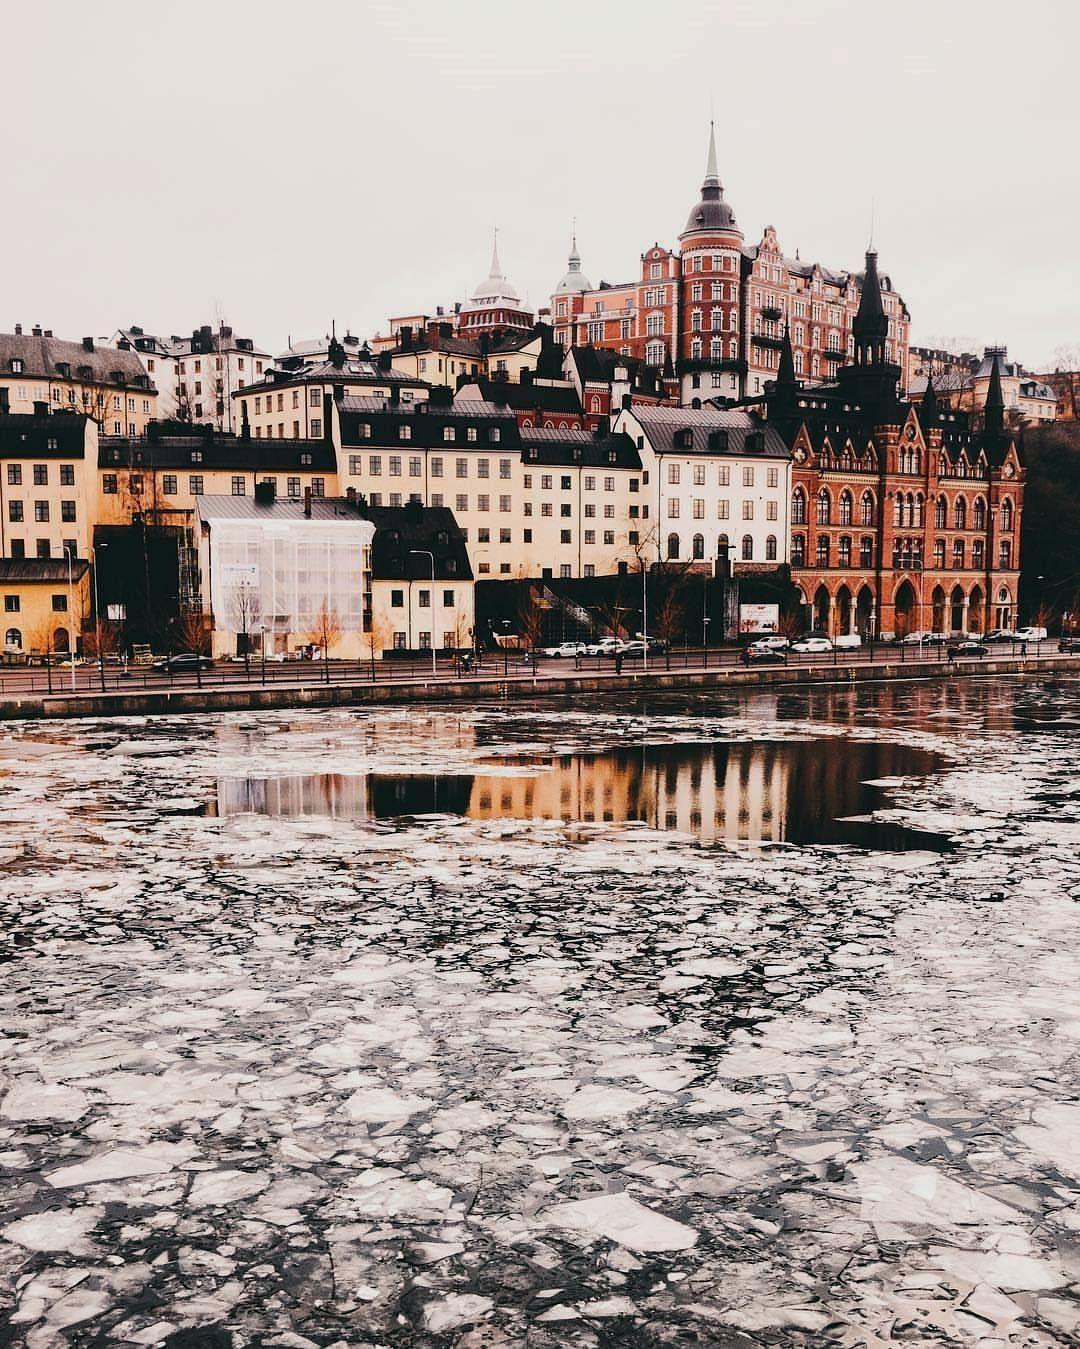 Travel Around The World Most Beautiful Cities Freedom Schweden Reise Reiseideen Weltreise